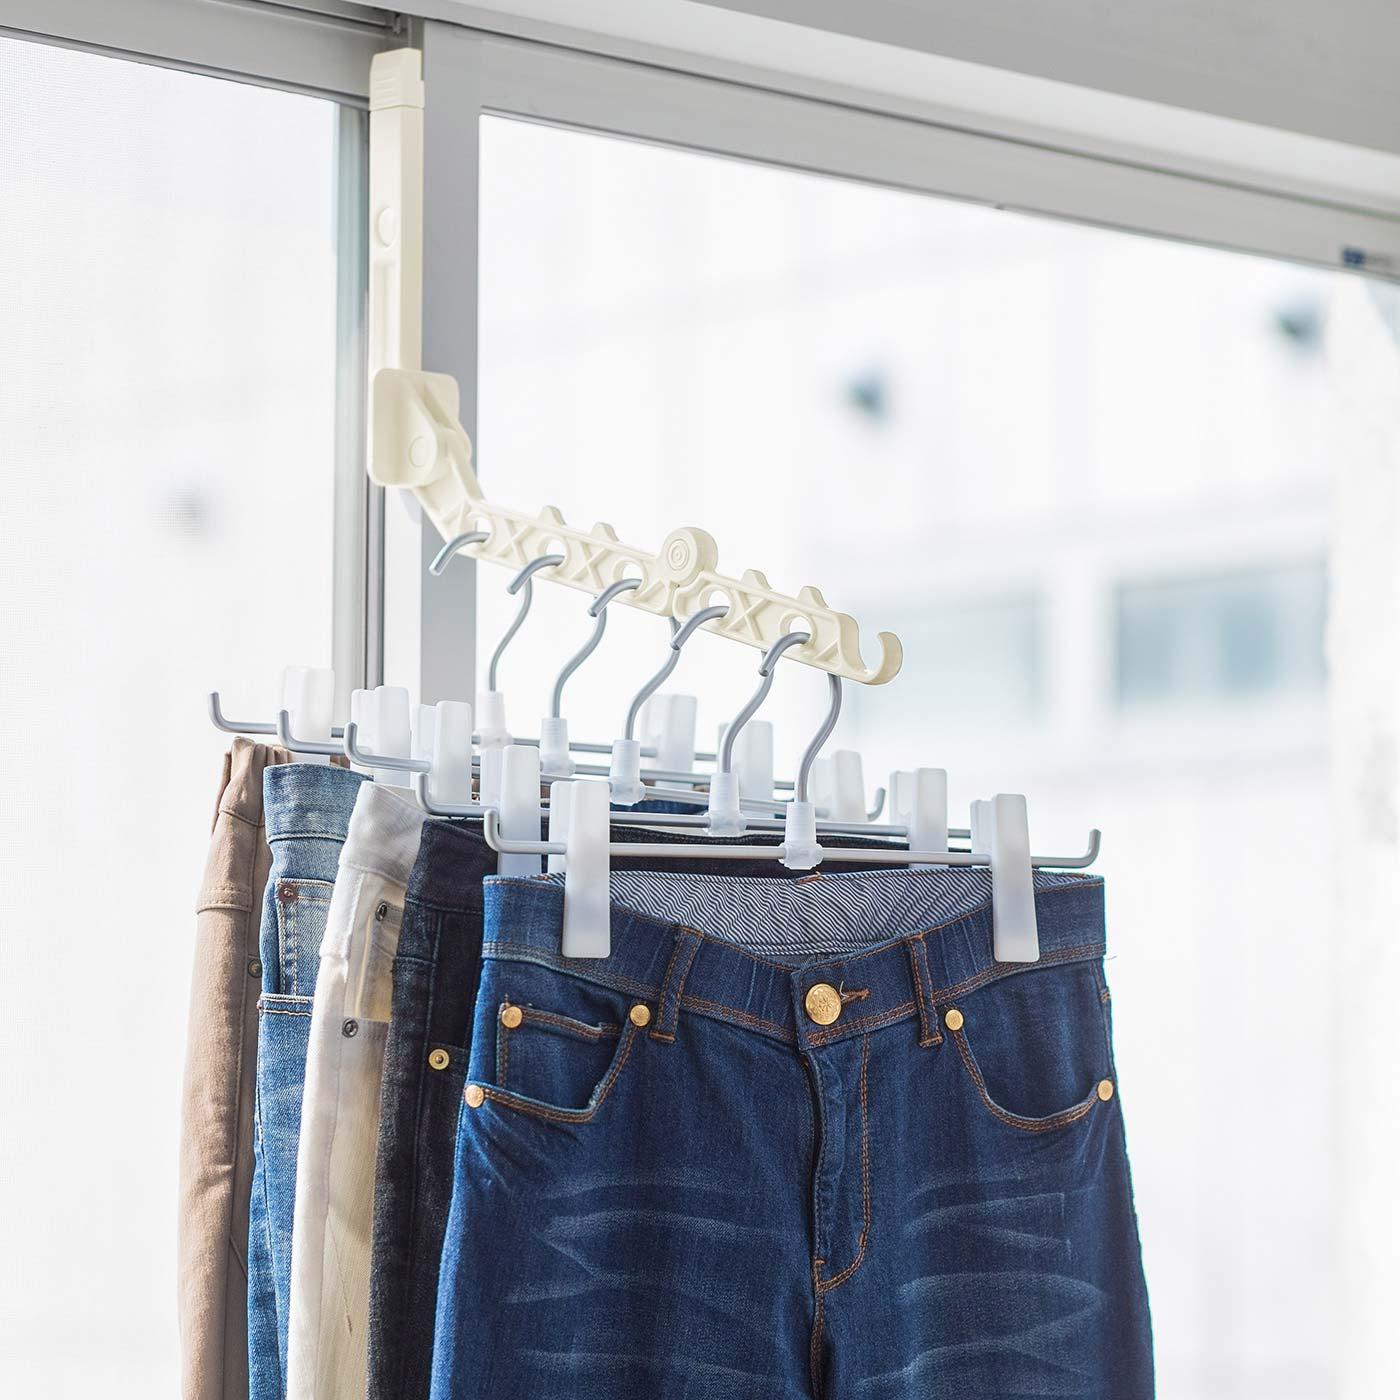 重いジーンズも5本いっぺんに干せます。耐荷重3kg。